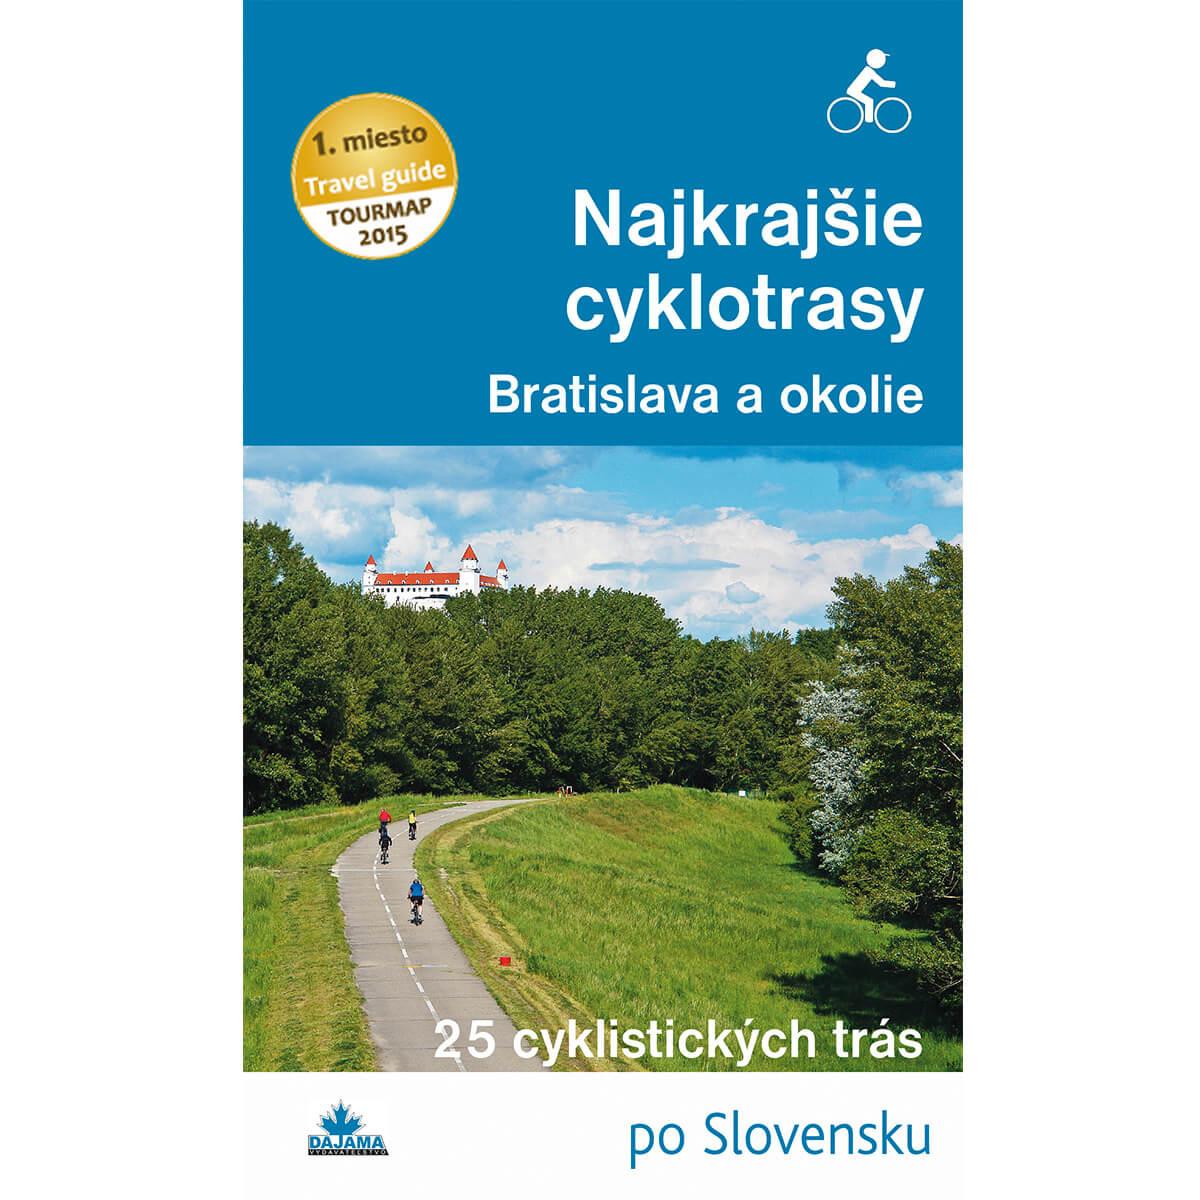 Kniha Najkrajšie cyklotrasy Bratislava a okolie - 25 cyklistických trás po Slovensku z vydavateľstva Dajama